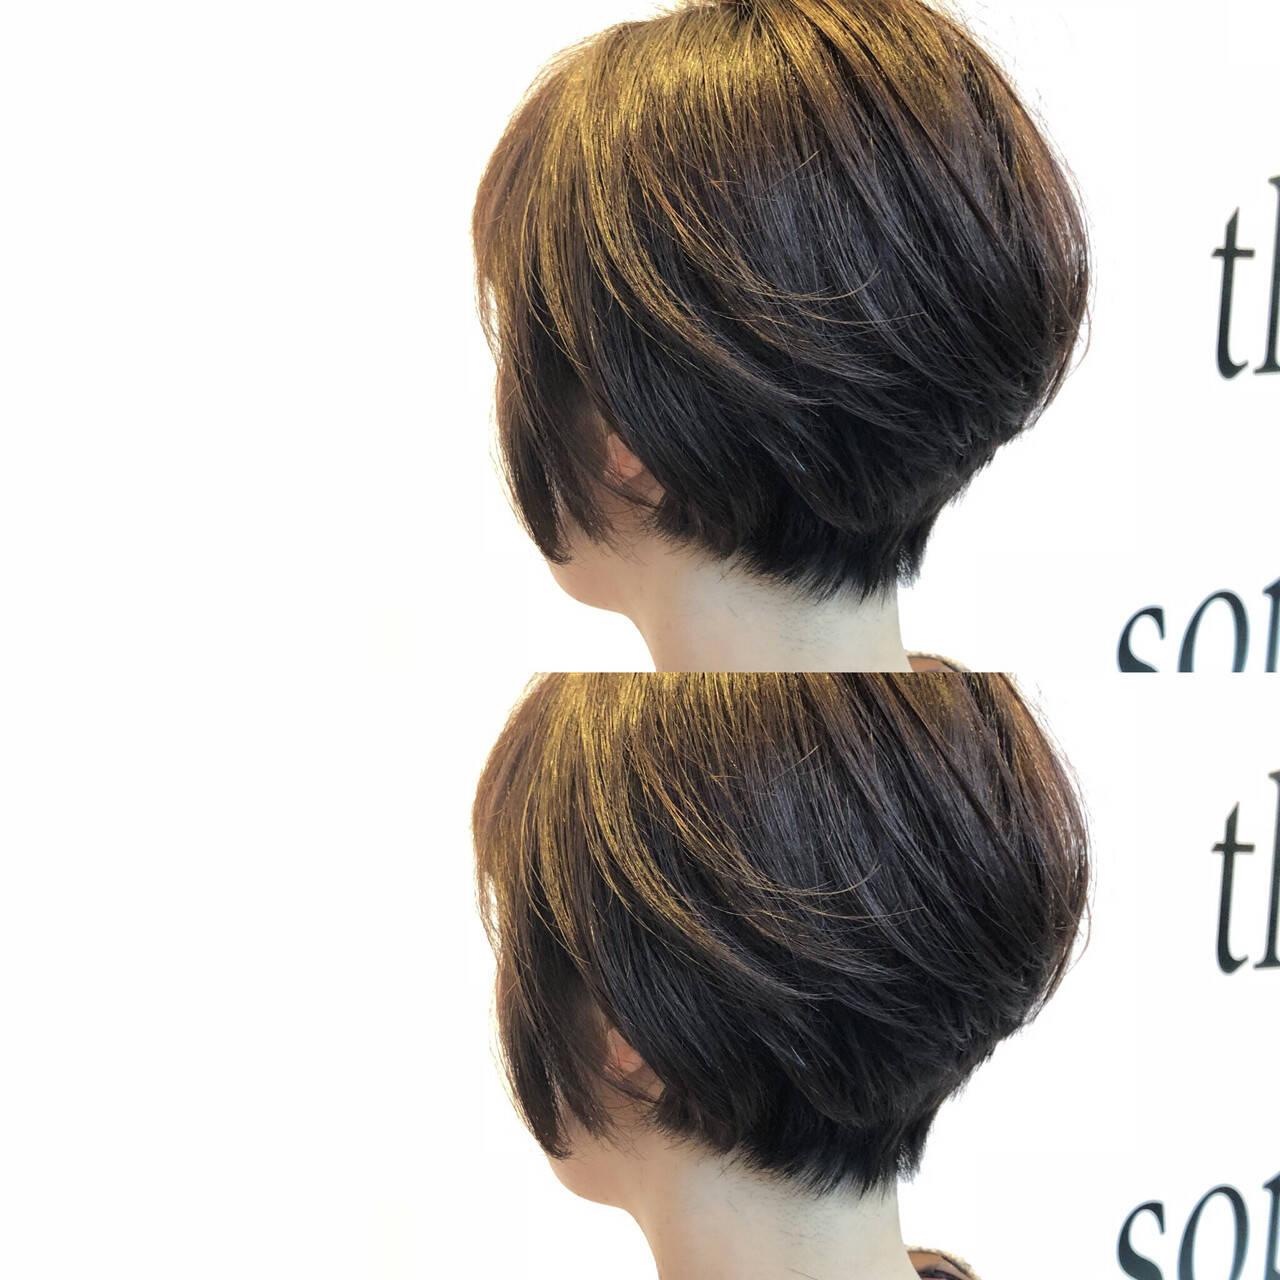 ナチュラル ショート 耳かけ ボブヘアスタイルや髪型の写真・画像